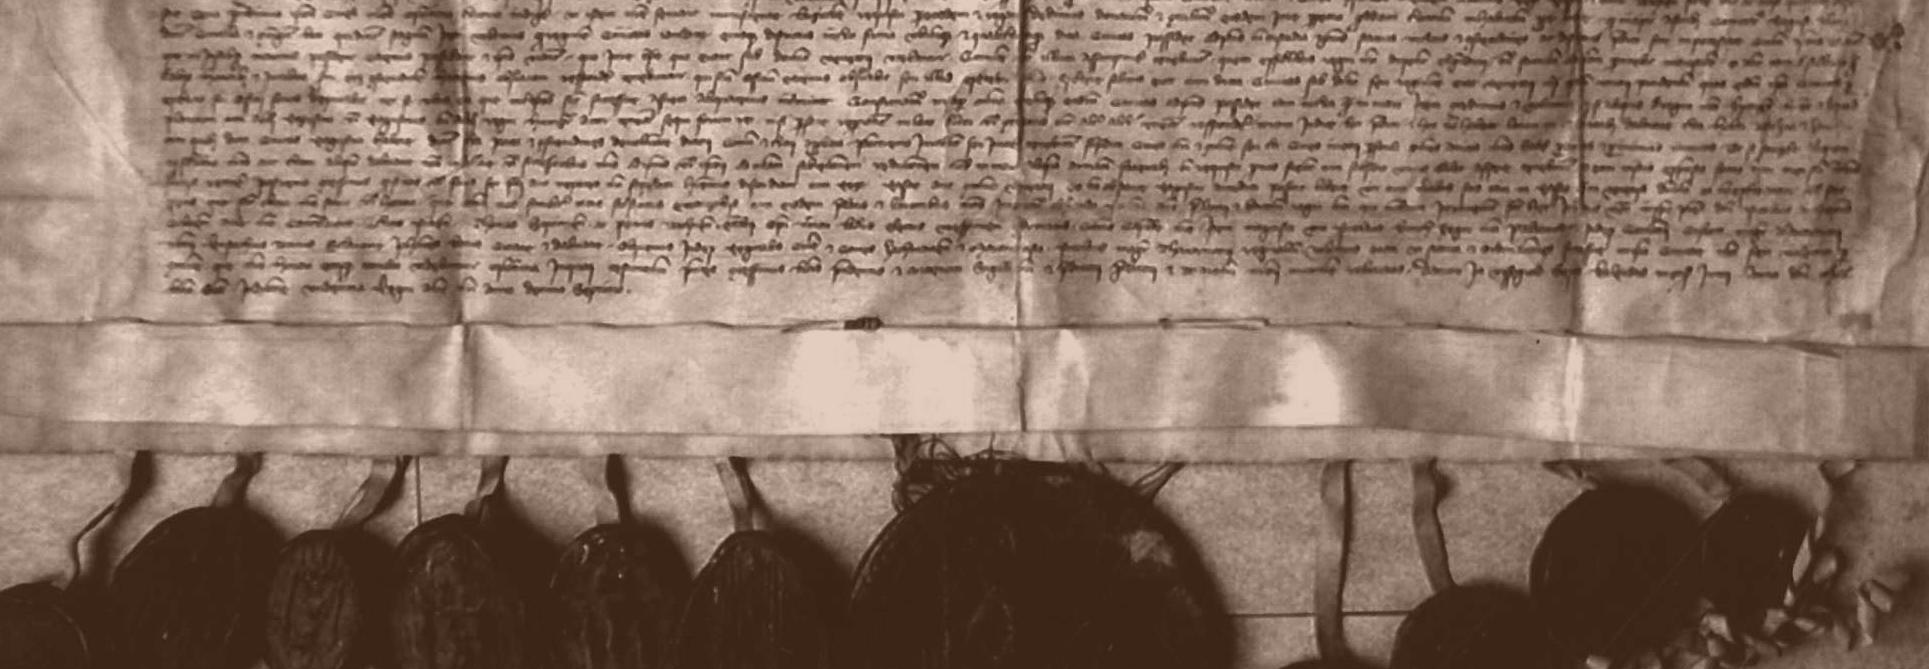 Arhivski dokument